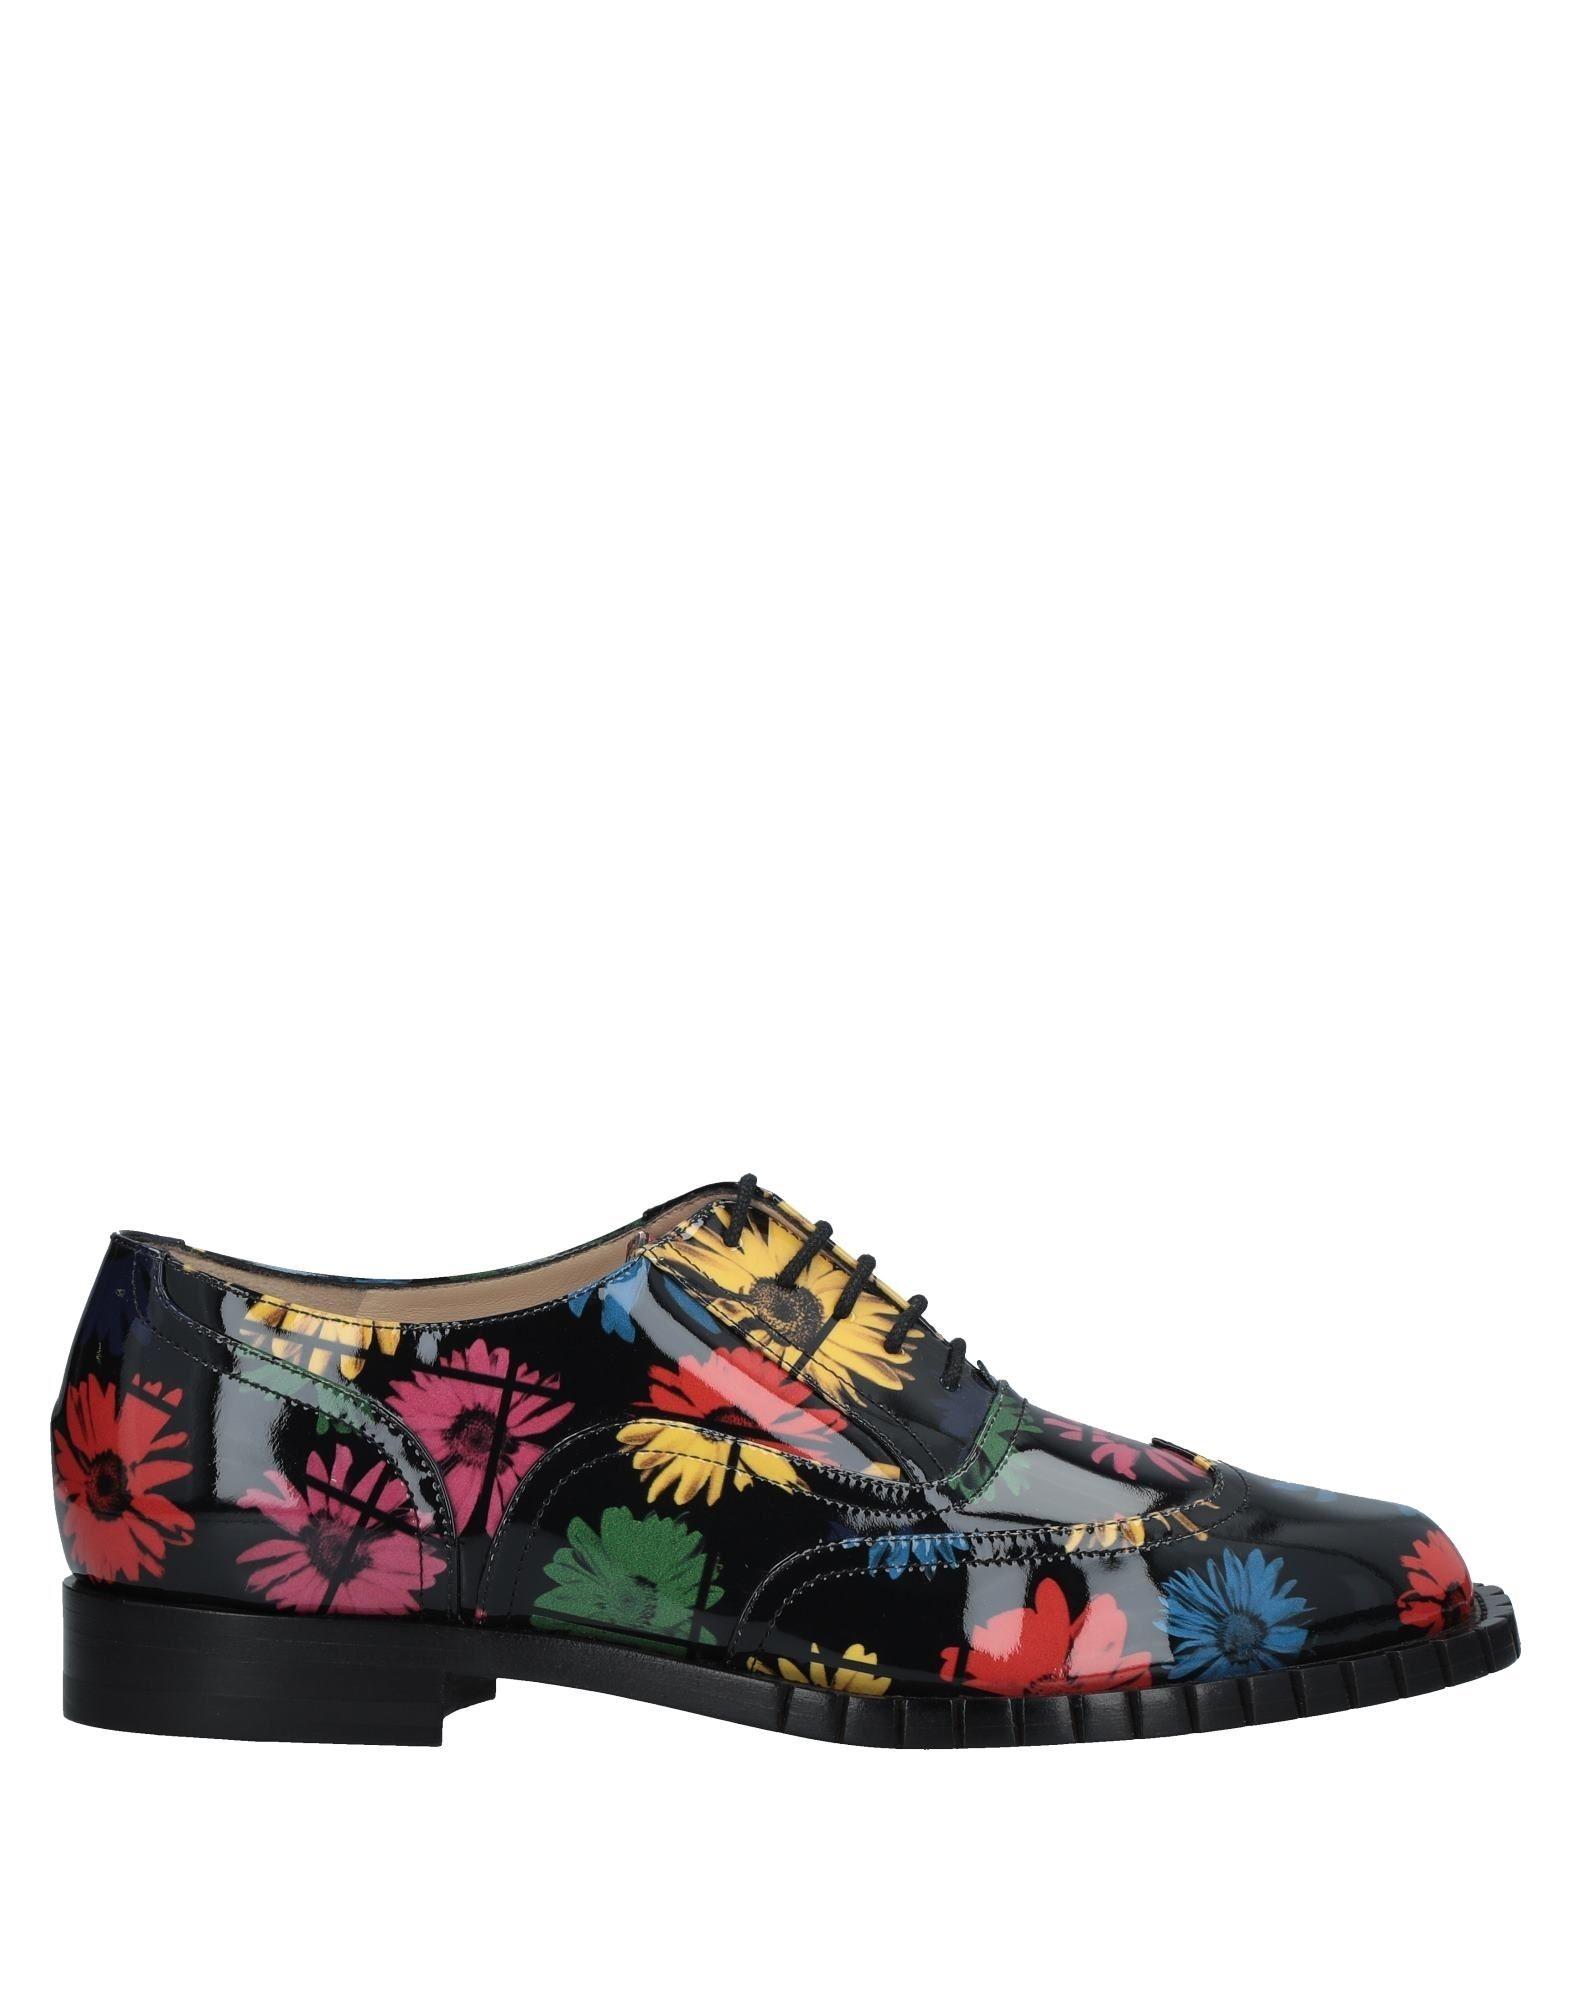 Moschino Schnürschuhe Damen  11525871PSGünstige gut aussehende Schuhe